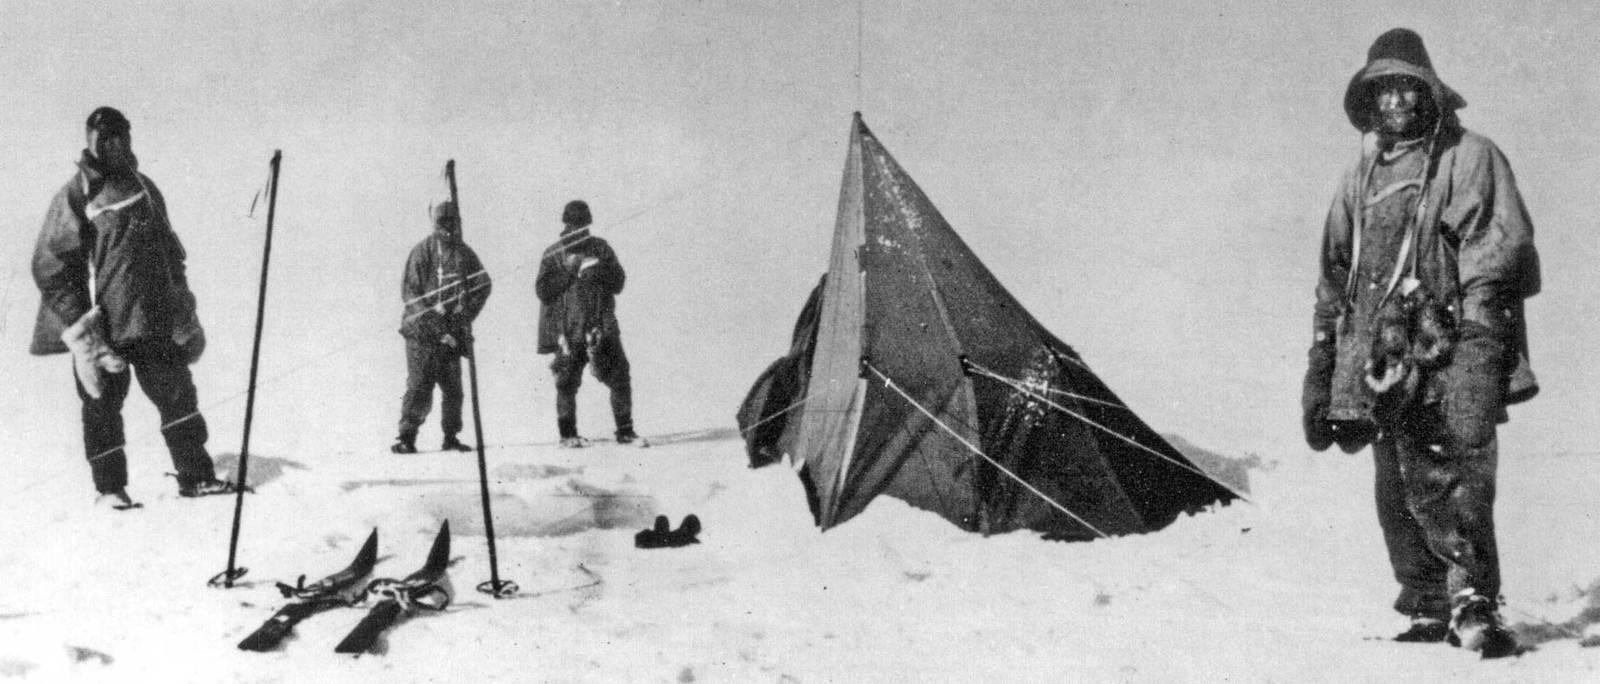 Terra Nova by Robert Falcon Sco